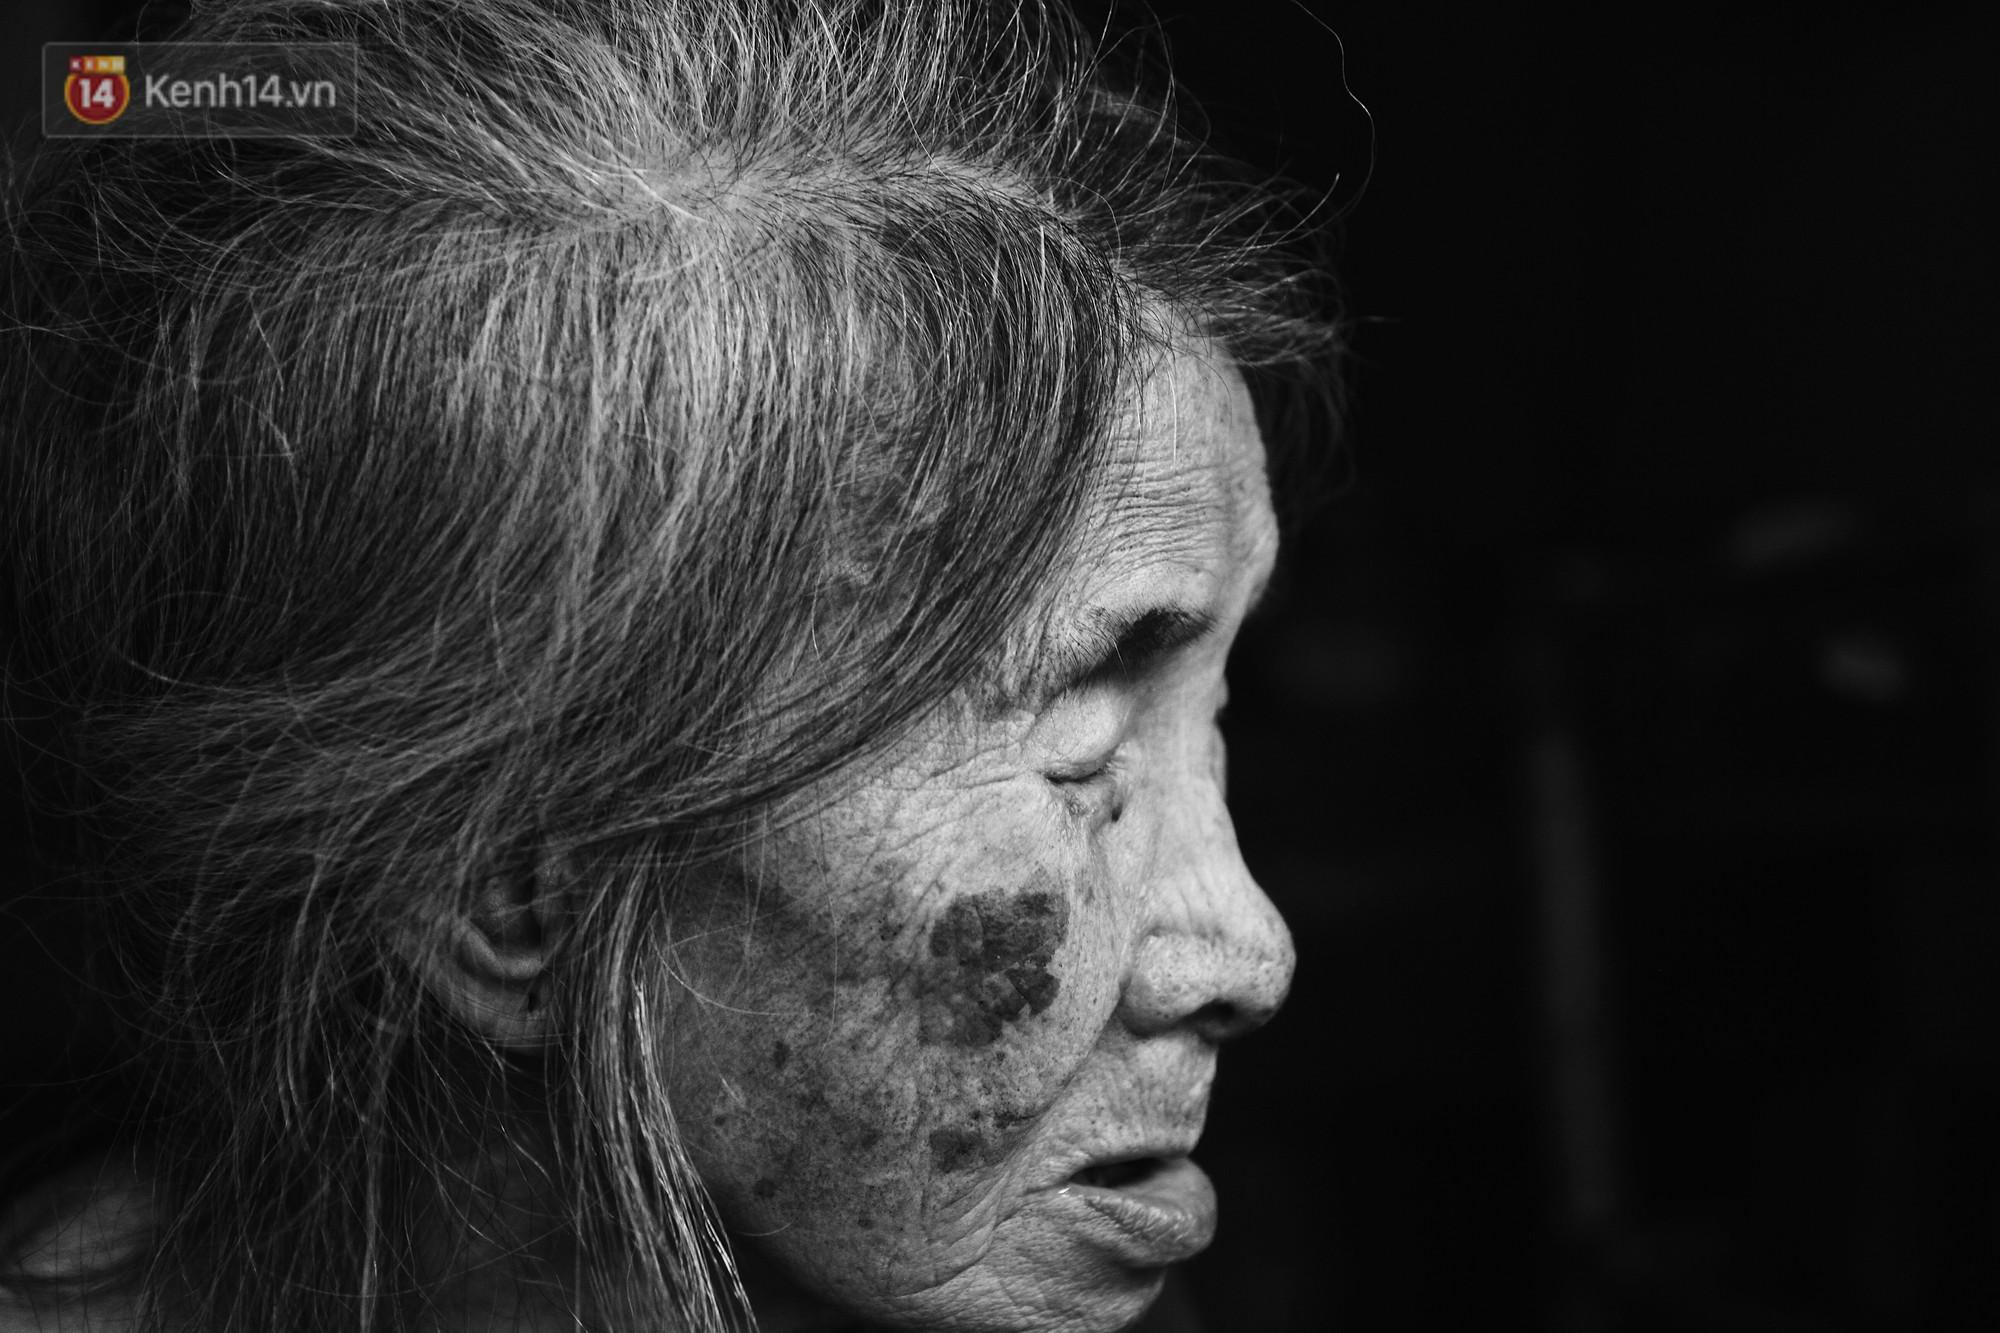 Ở Hà Nội, có một người mẹ mù gần 90 tuổi vẫn ngày đêm chăm đứa con gái điên: Còn sống được lúc nào, thì tôi còn nuôi nó - Ảnh 4.